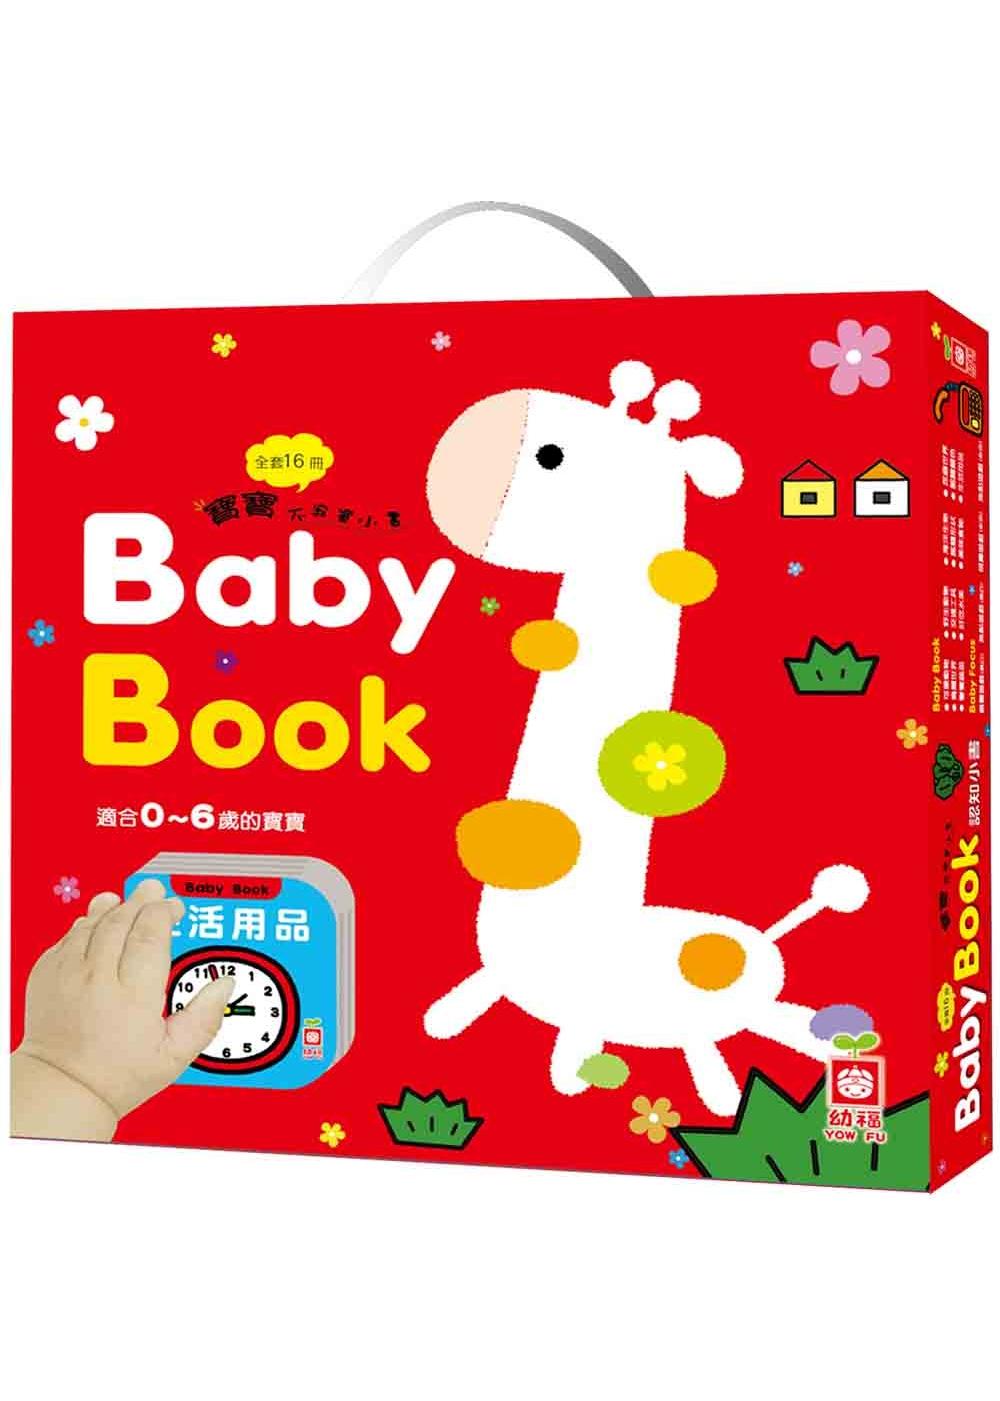 Baby Book寶寶不寂寞小書(全套16冊)